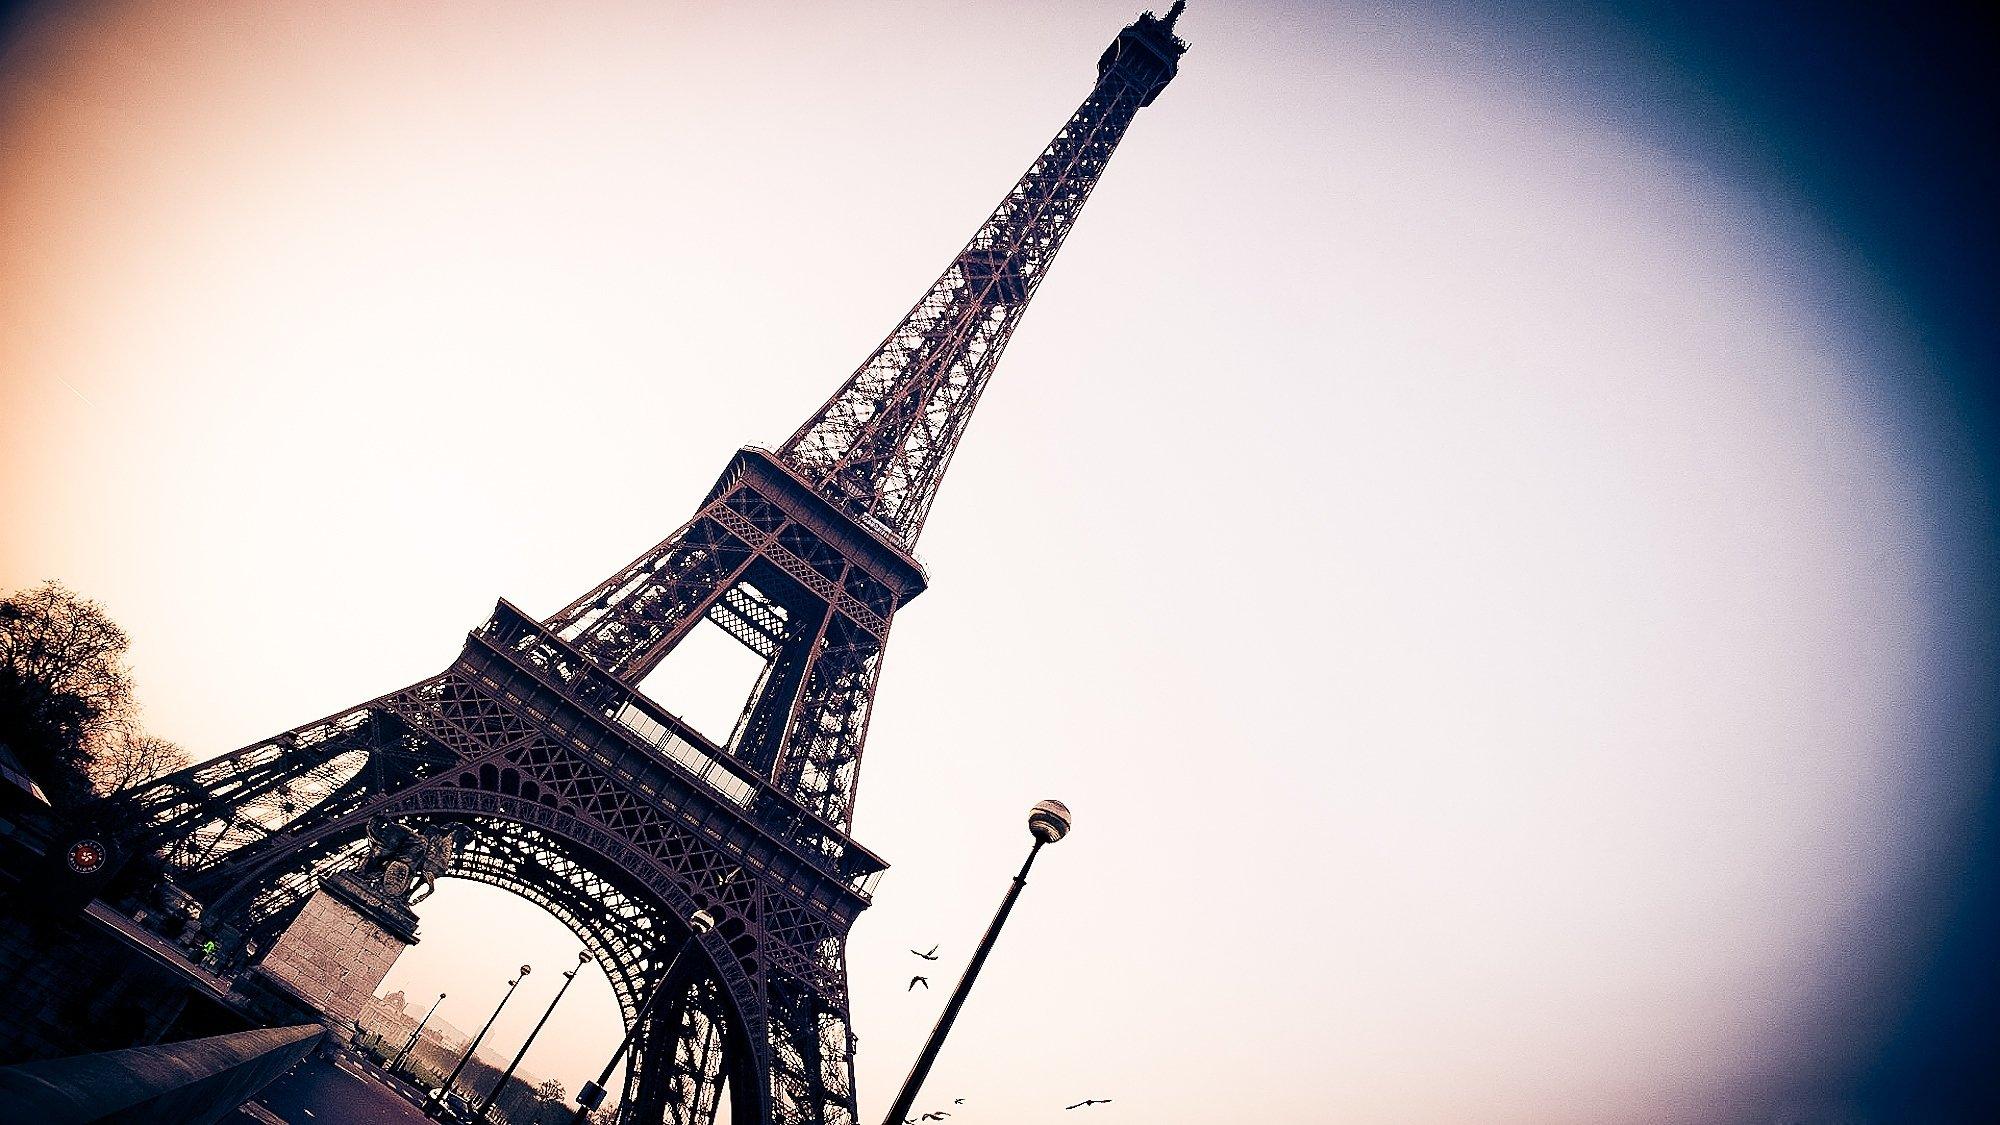 париж эйфелева башня высота Paris Eiffel tower height скачать